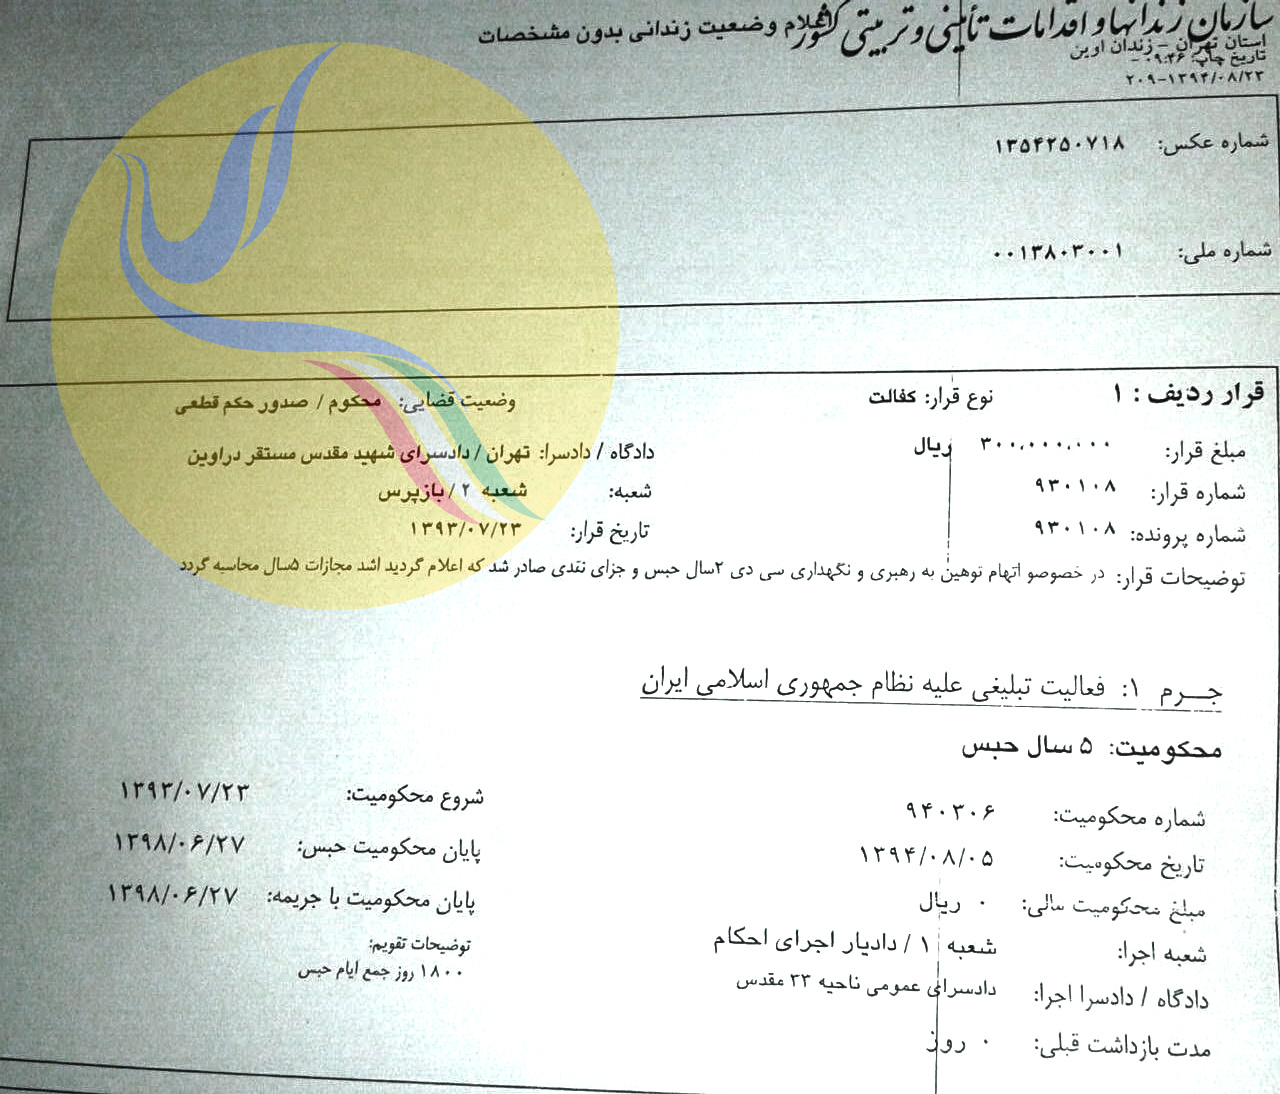 سعید حسین زاده